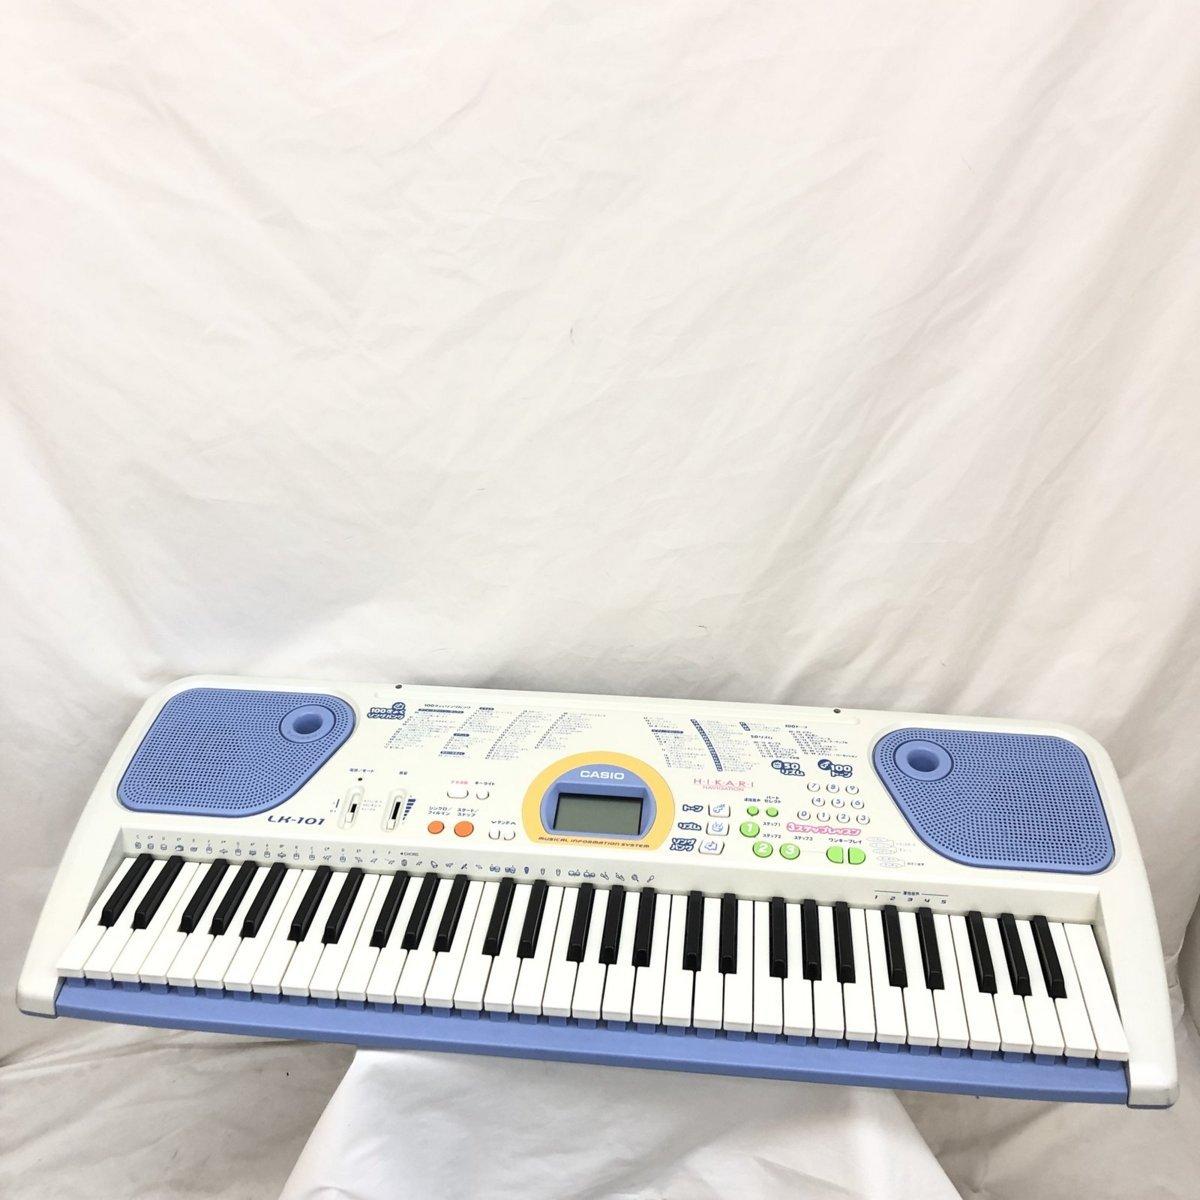 中古 CASIO カシオ 電子キーボード 光ナビゲーション LK-101 61鍵盤 グレー ブルー ポップカラー 電子ピアノ 鍵盤楽器 H15605_画像1